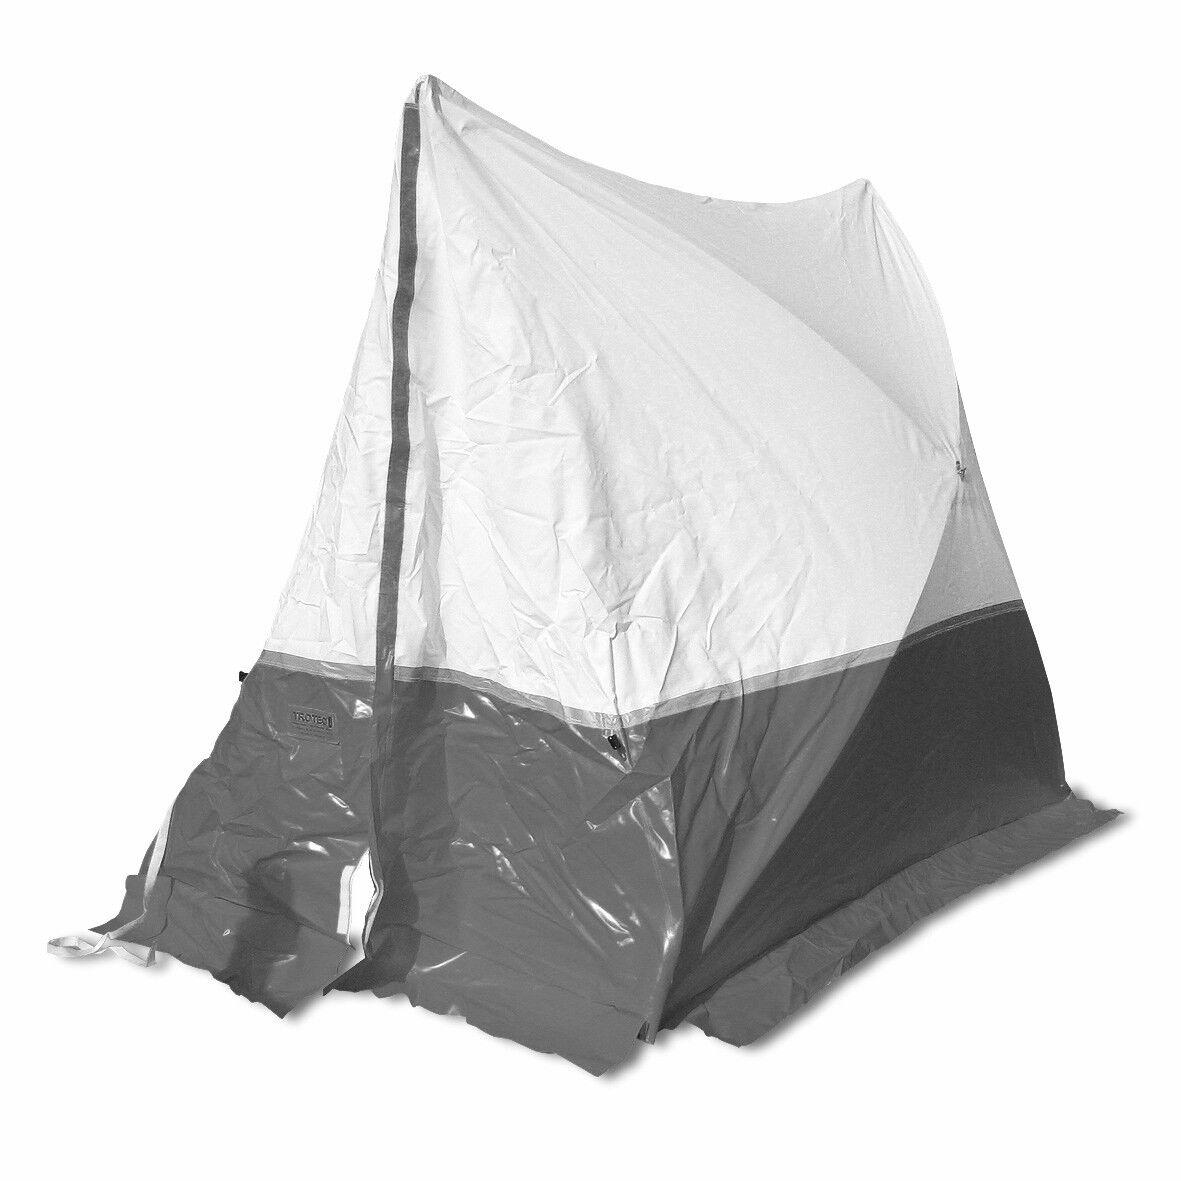 trotec tenda da lavoro 180 te 180*180*170 a tetto spiovente in grigio